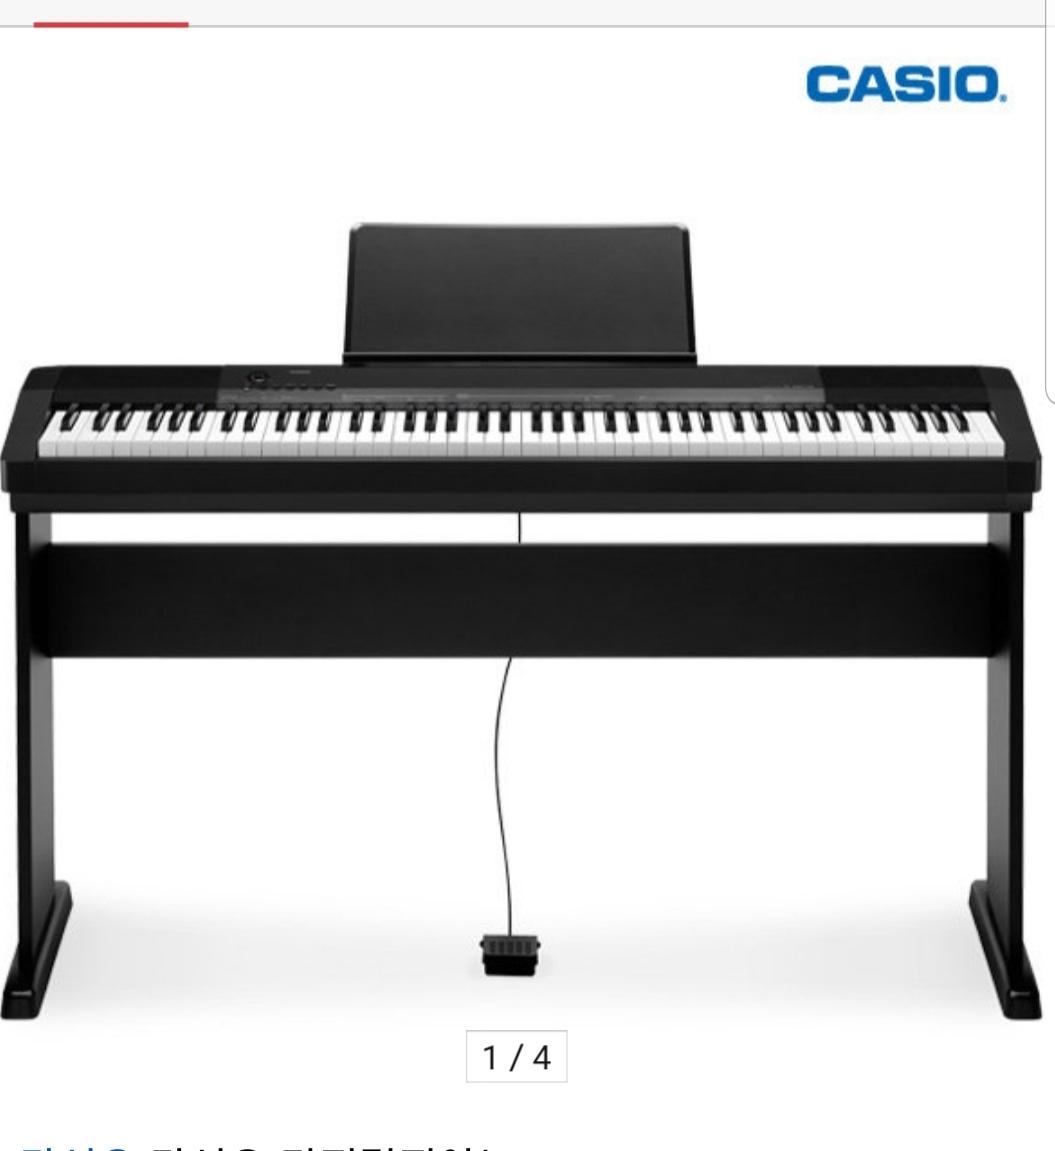 카시오 정품 디지털피아노CDP-130